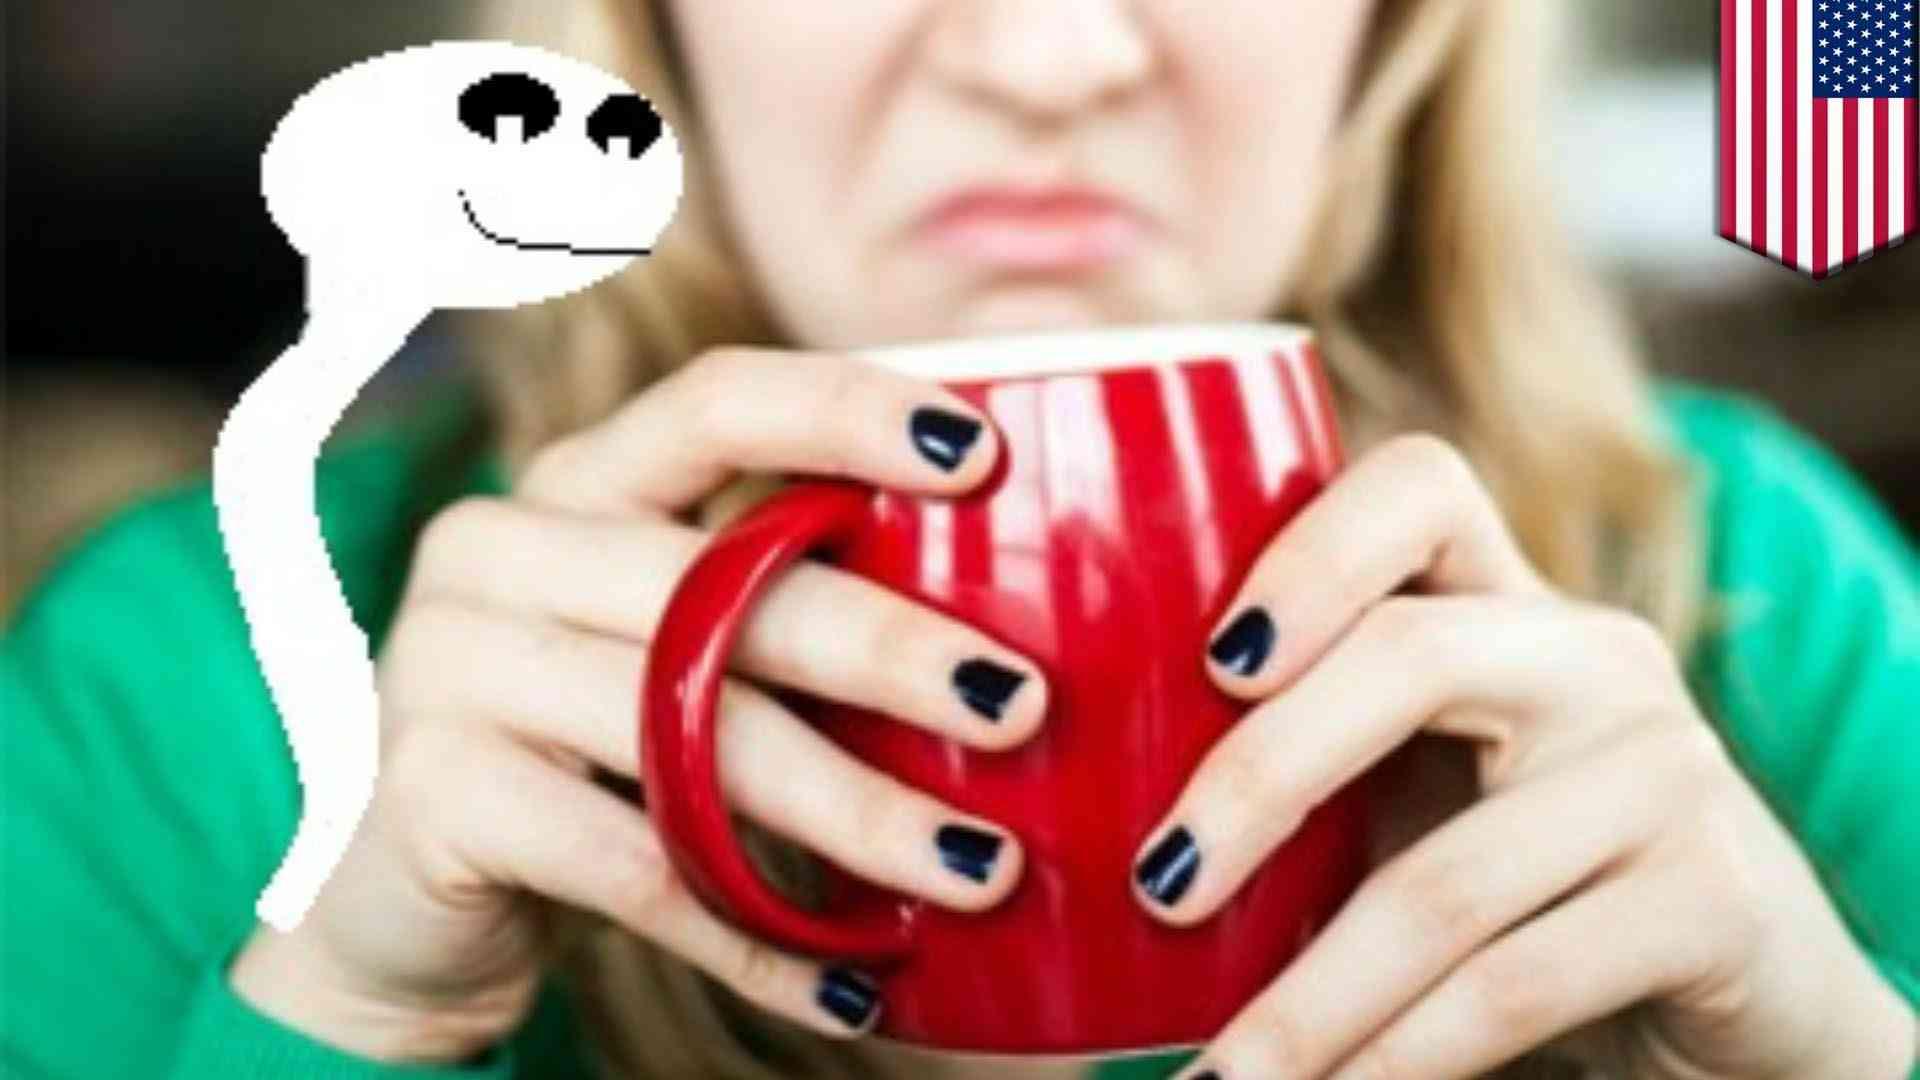 女性のコーヒーに精液入れた男 - YouTube